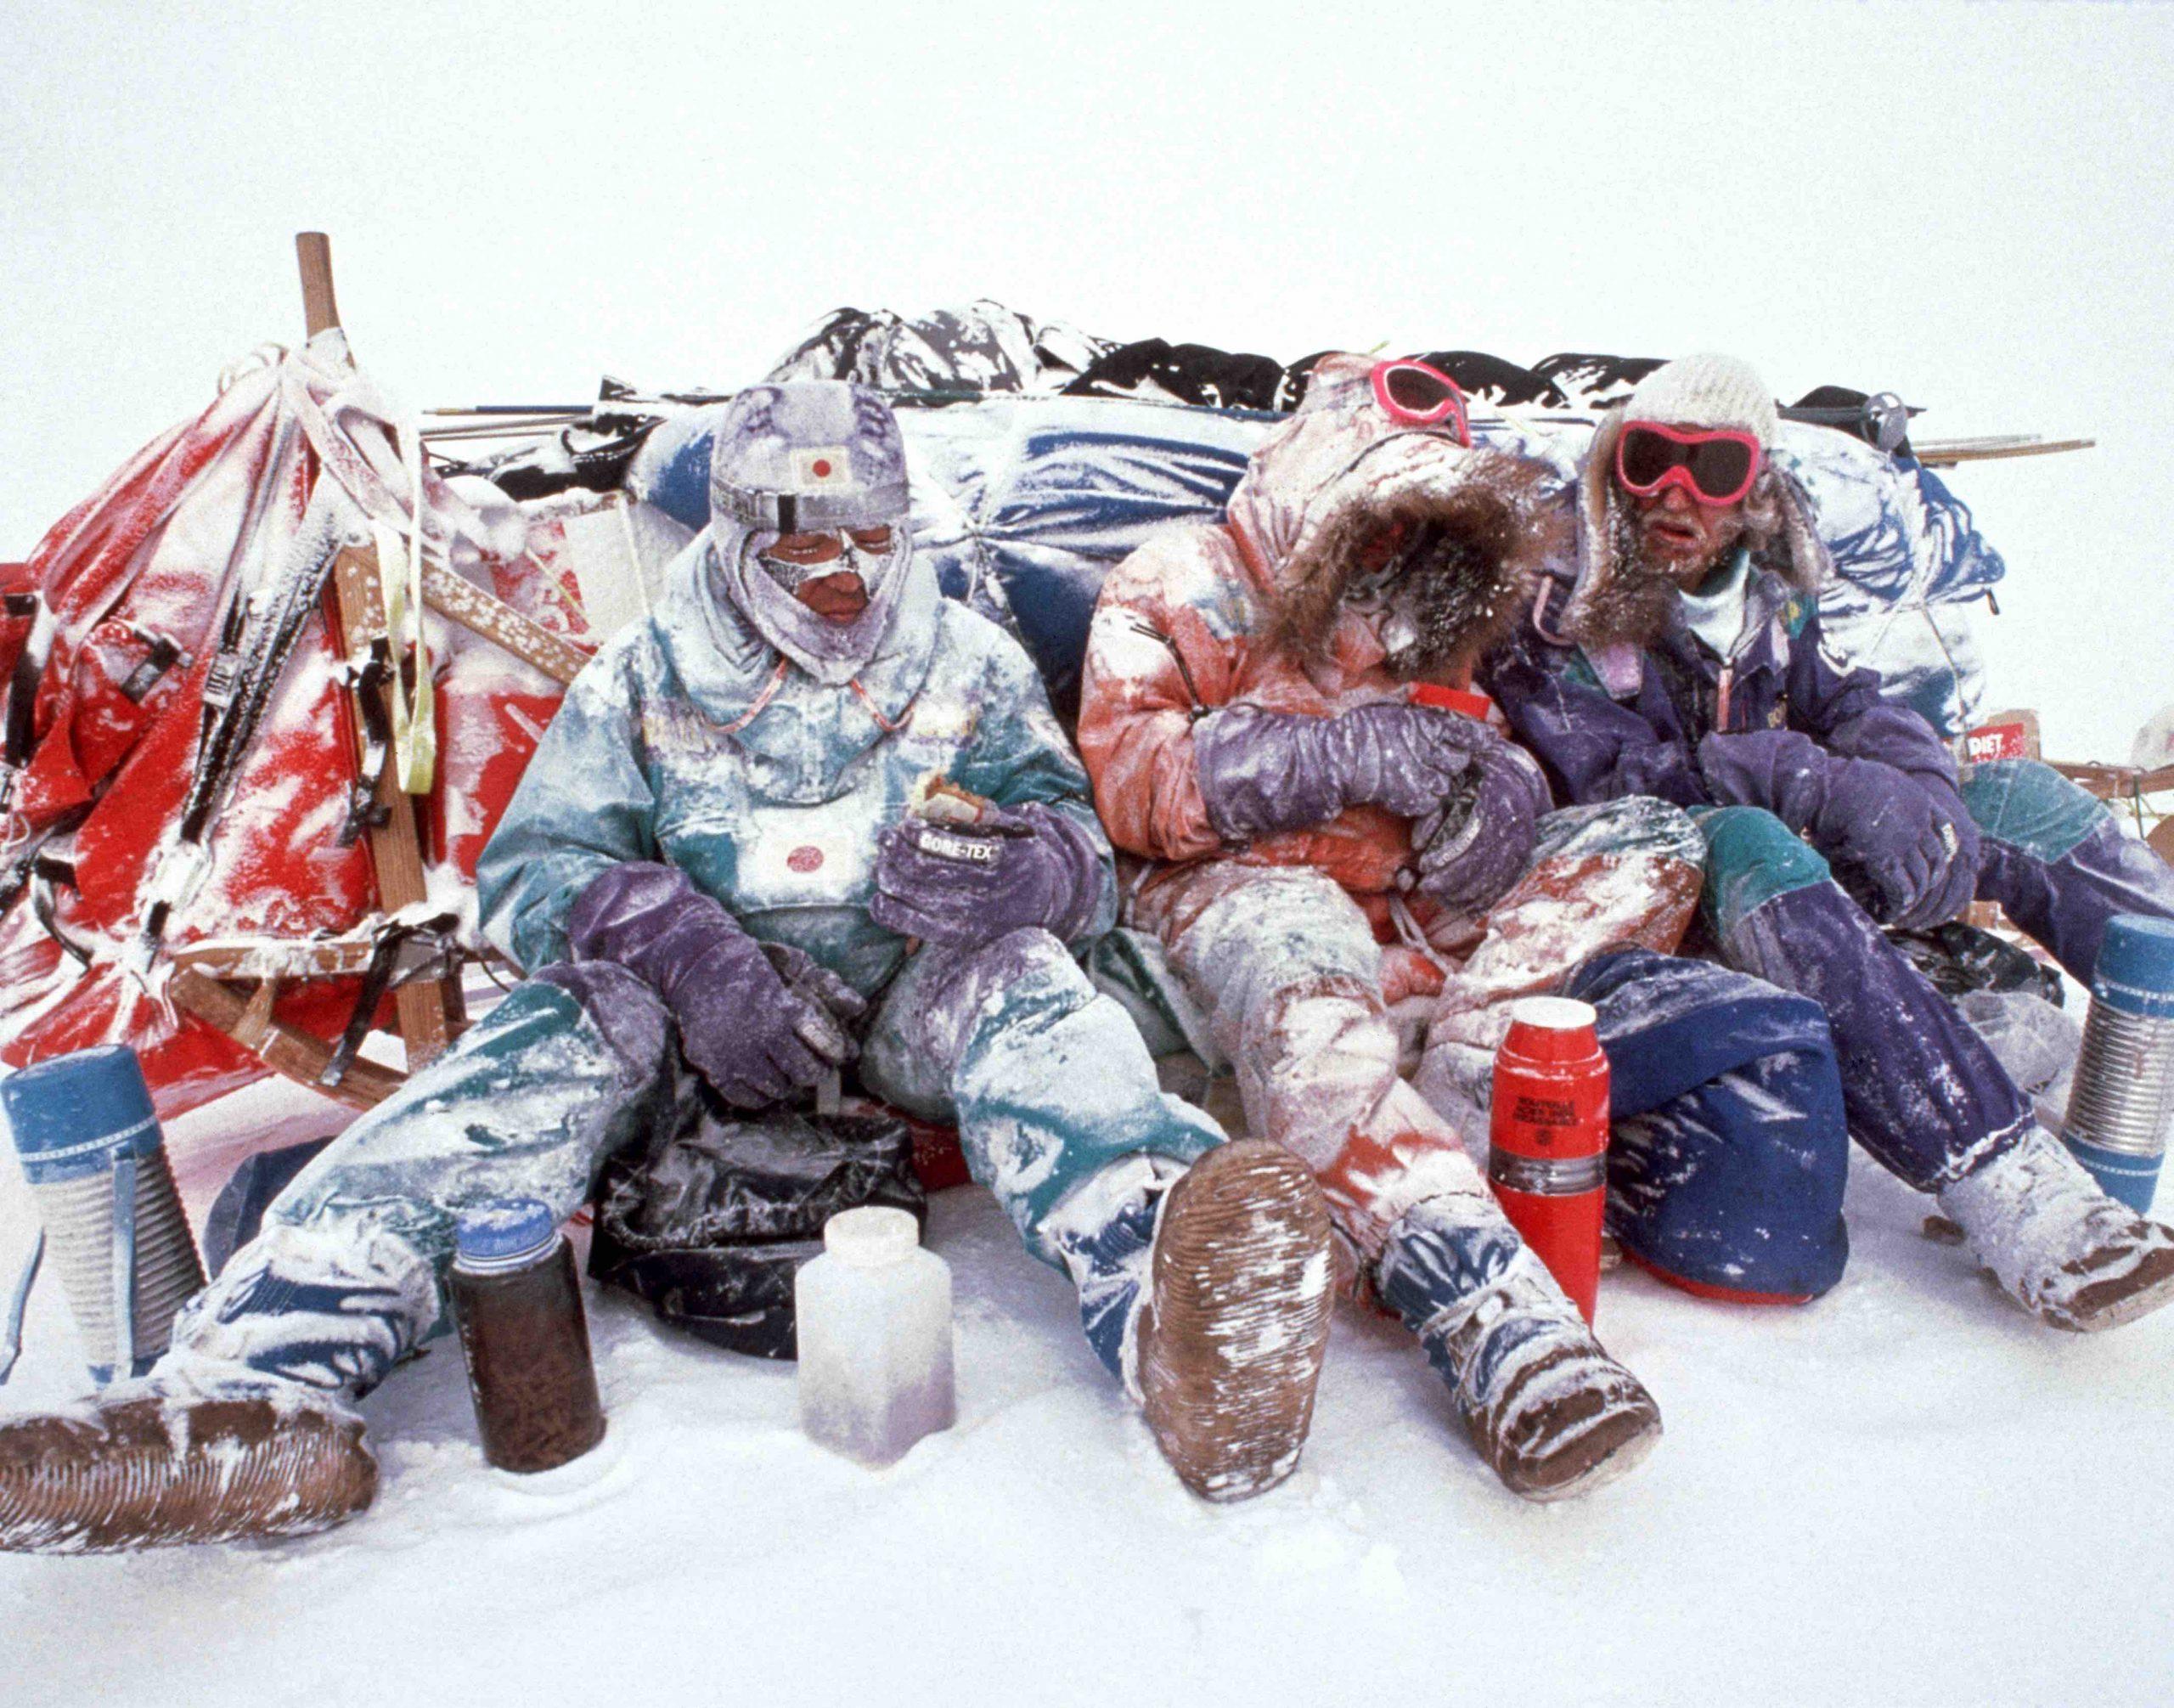 Abb. 5 Wind, Eis und Kälte bei einer Pause der Transantarctica 1989/90 scheinen Keizo Funatsu (JP), Jean-Louis Etienne (F) und Victor Bojarski (USSR) im Windschatten ihres Hundeschlittens nichts anhaben zu können. Die Transantarctica ist mit 6.048 Kilometern von der Antarktischen Halbinsel über den Südpol bis an die Küste der Ostantarktis in 220 Tagen die längste jemals durchgeführte Durchquerung des antarktischen Kontinents. Foto: Will Steger 1990